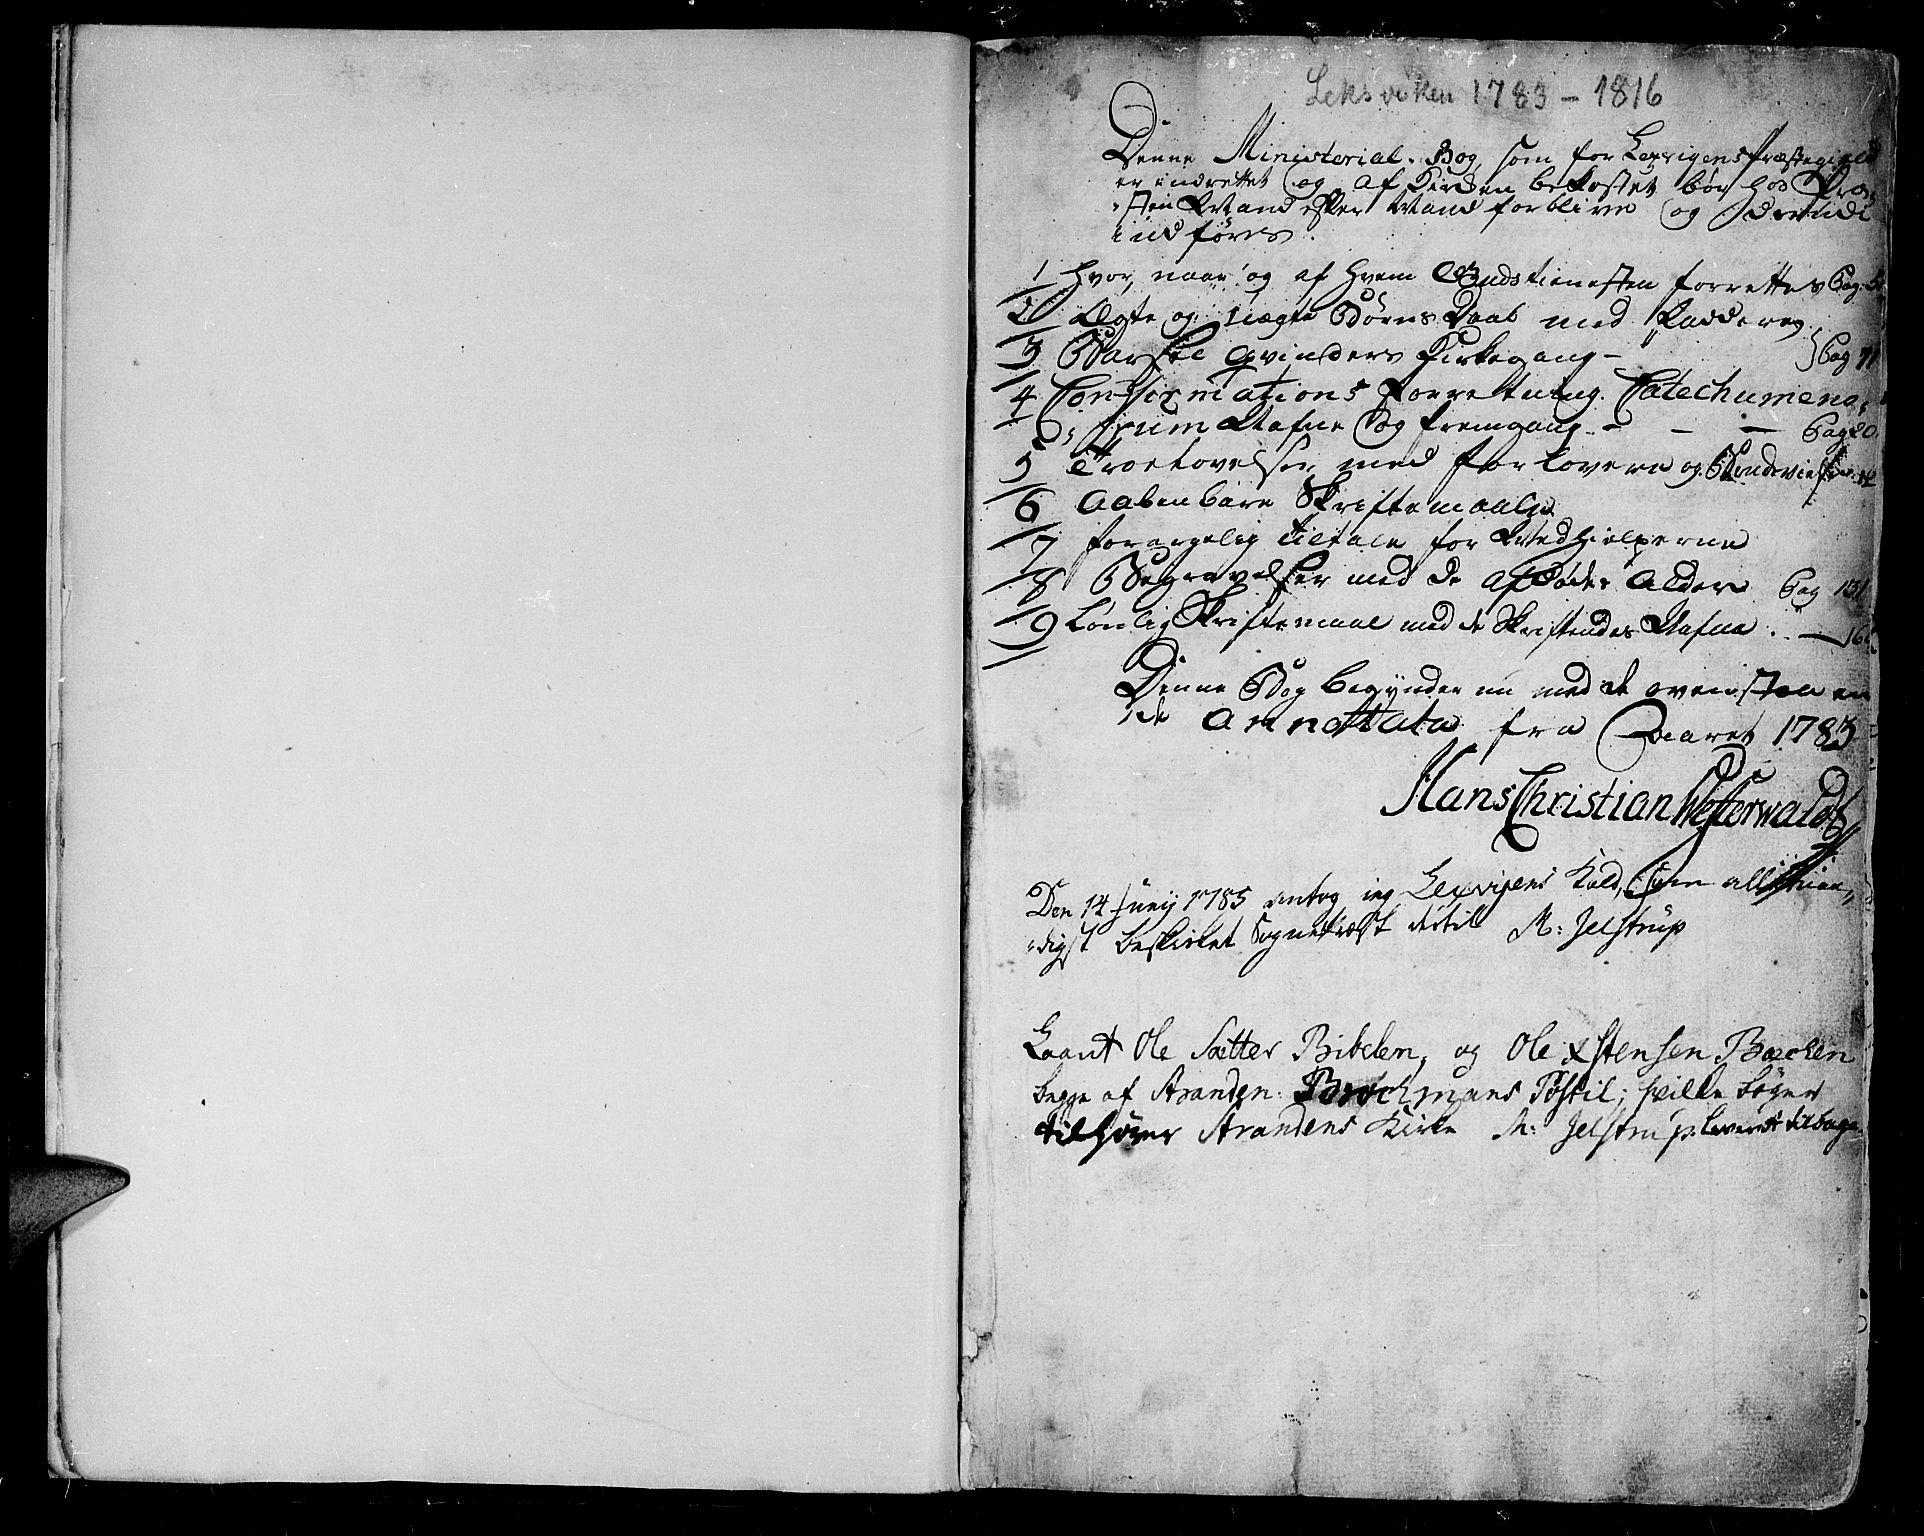 SAT, Ministerialprotokoller, klokkerbøker og fødselsregistre - Nord-Trøndelag, 701/L0004: Parish register (official) no. 701A04, 1783-1816